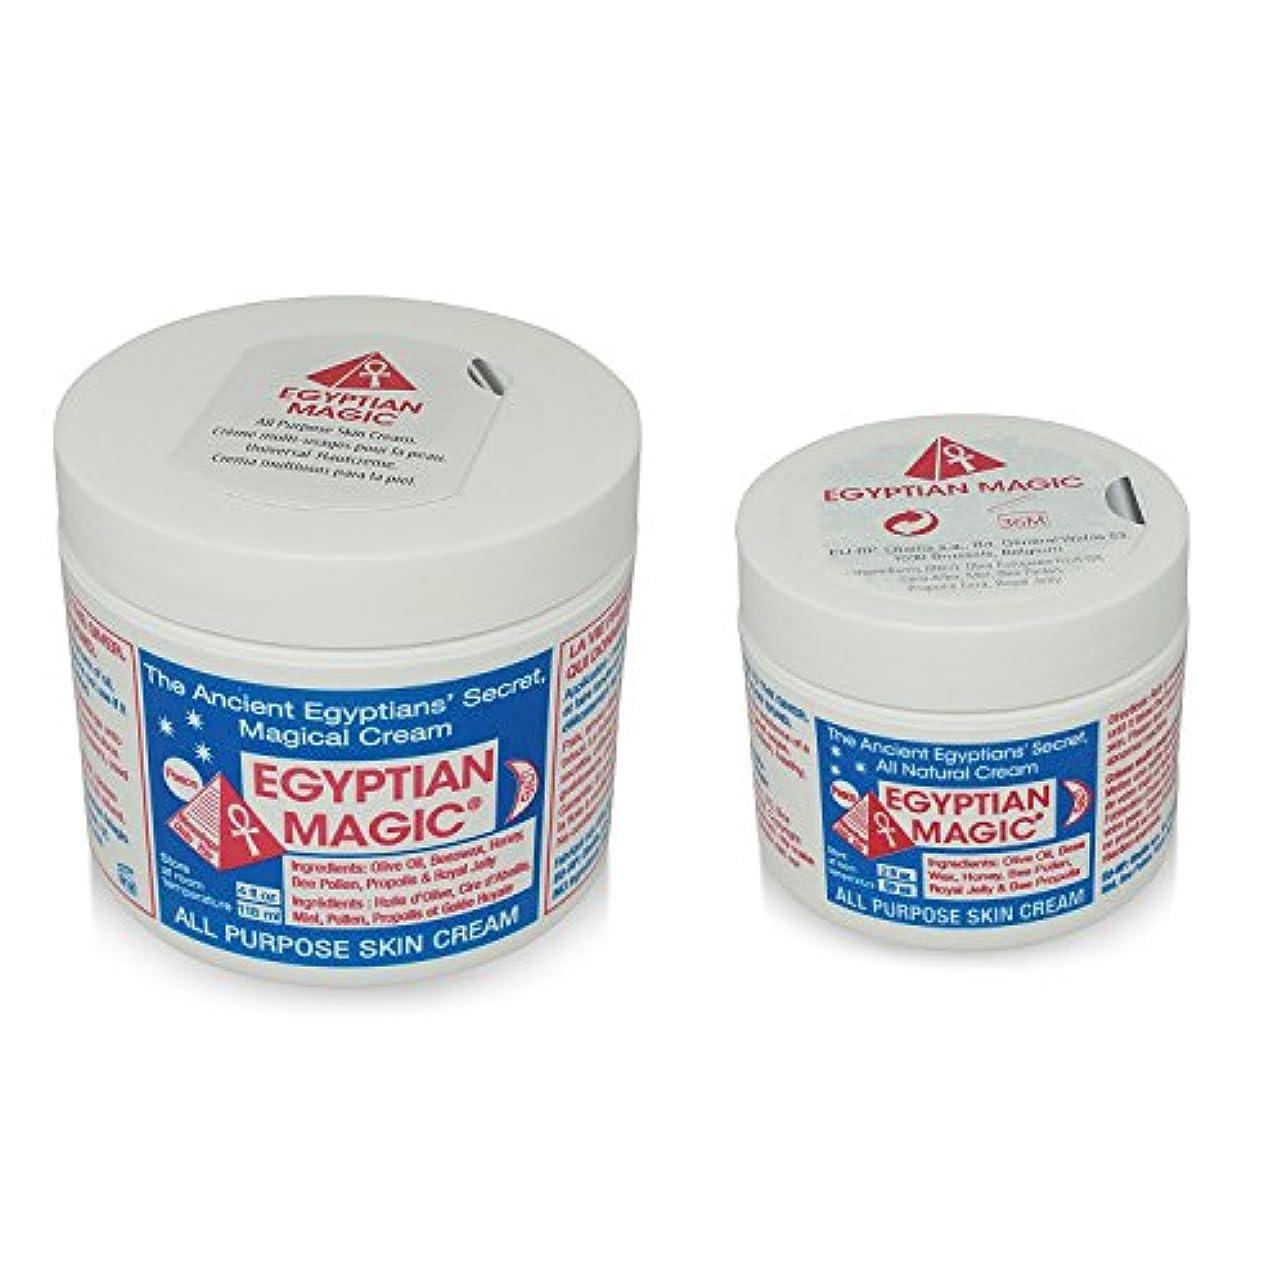 贈り物試す純正Egyptian Magic Skin Cream エジプシャンマジッククリーム  (118ml)と(59ml)の2個セット